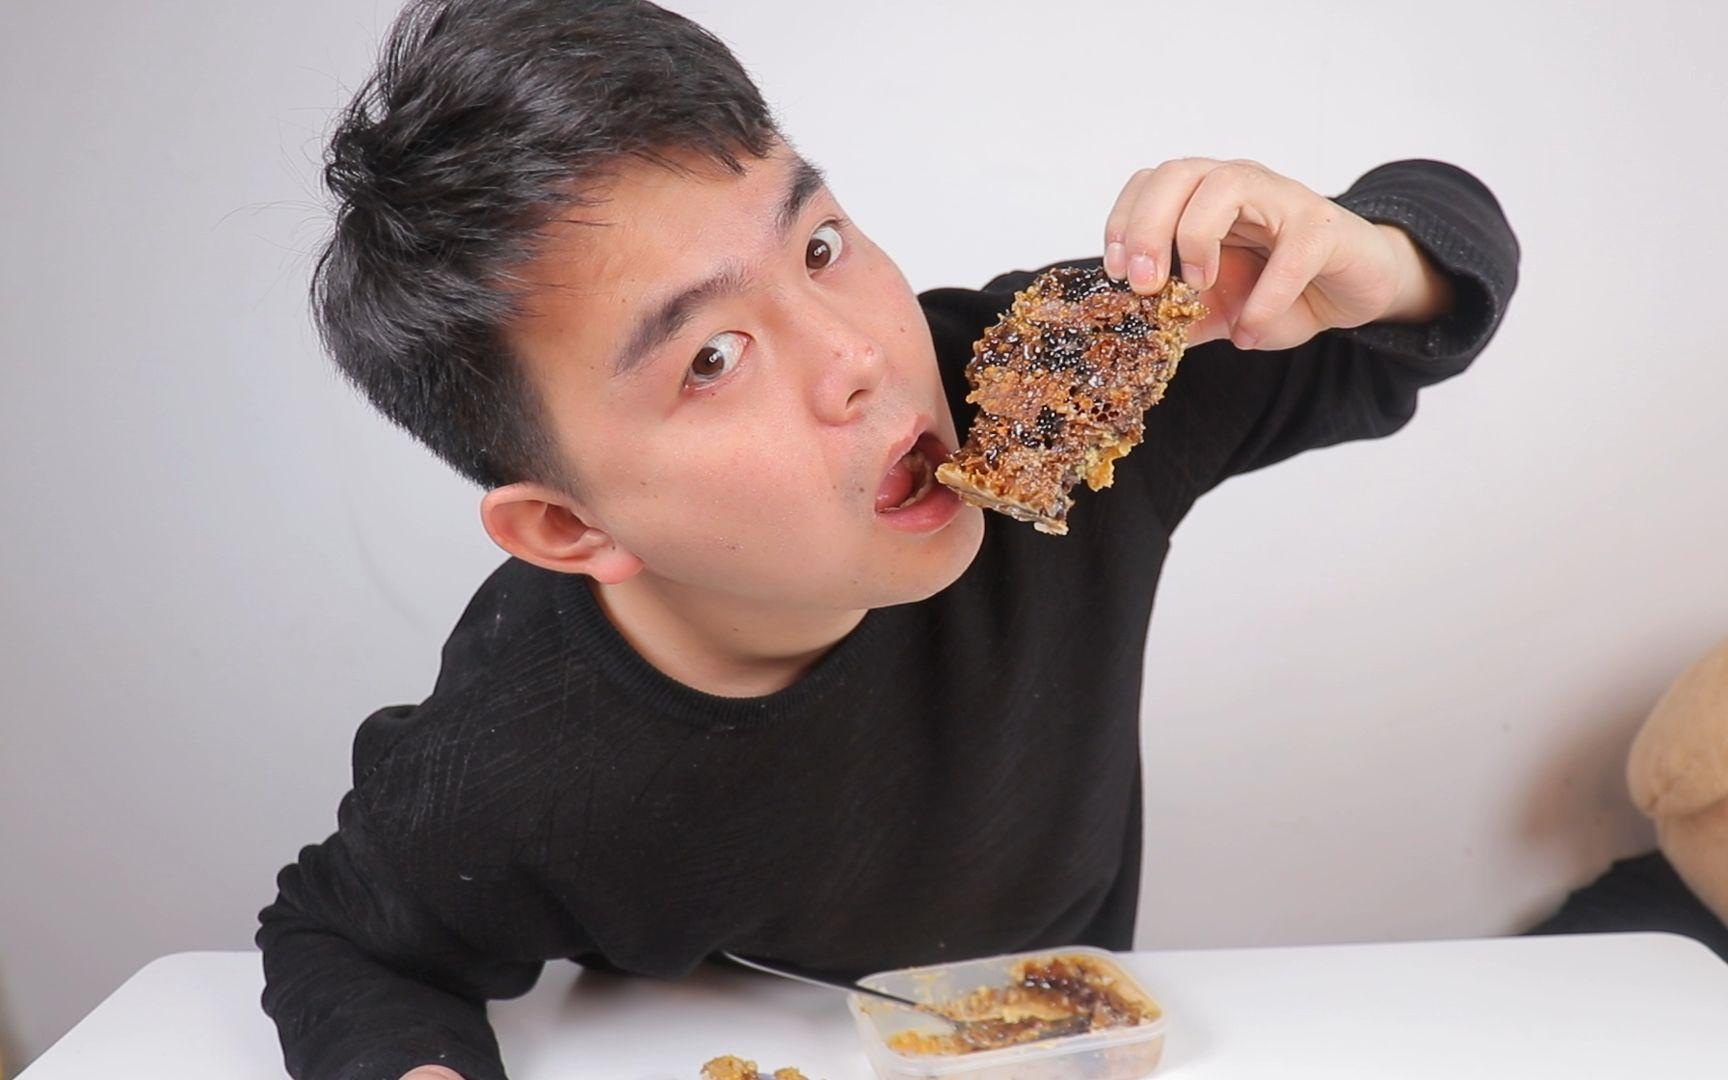 """试吃""""老蜂巢蜜"""",就这样直接吃的蜂蜜真的好吃吗?一口下去吐了"""